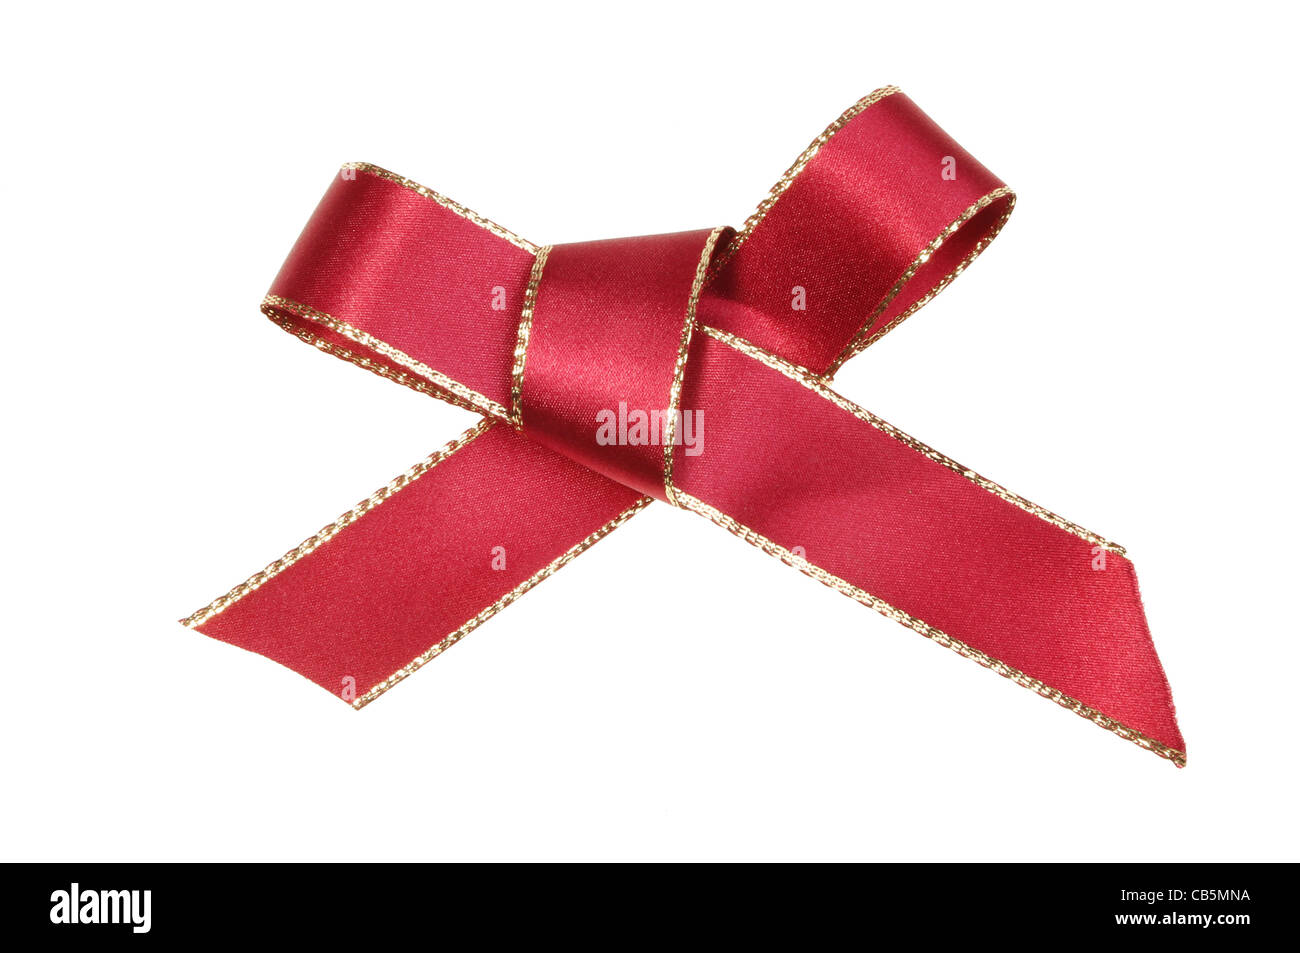 La cinta roja de filo de oro arco aislado en blanco Imagen De Stock